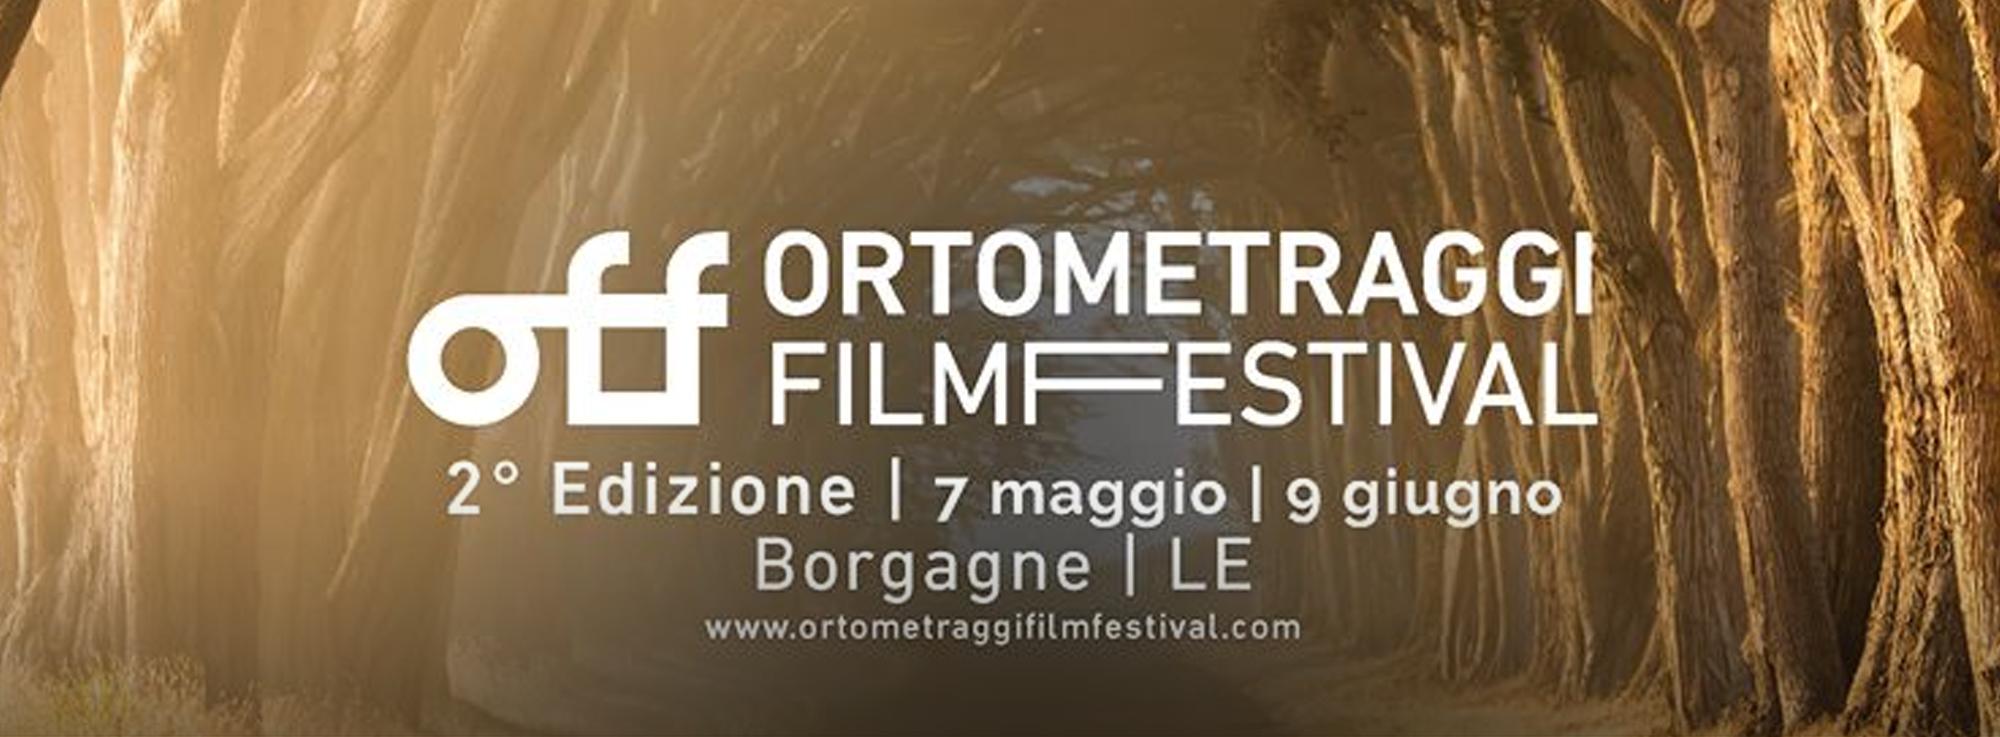 Borgagne: OFF Ortometraggi FilmFestival